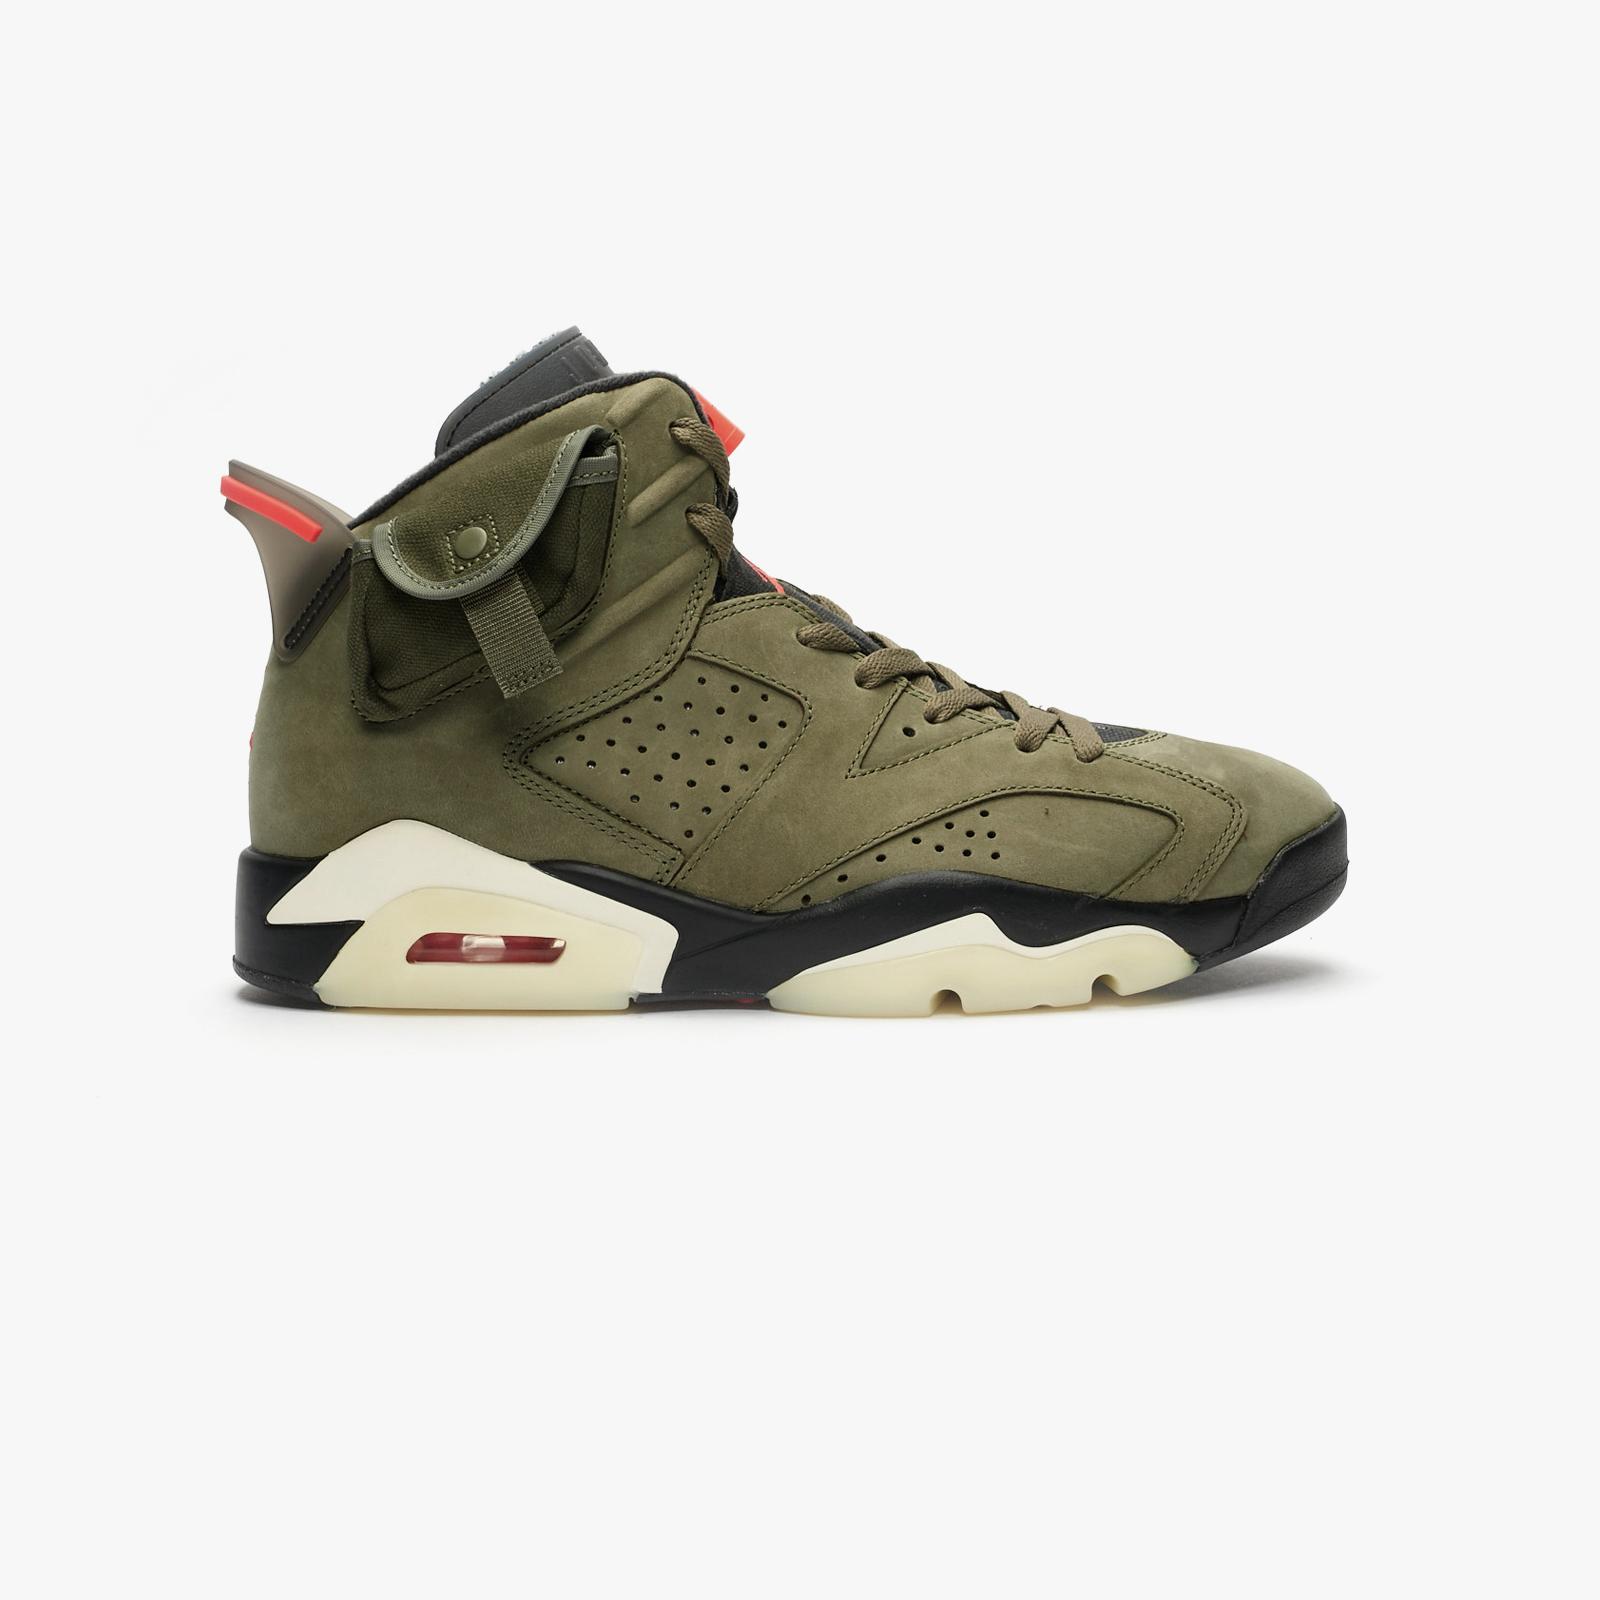 Jordan Brand Air Jordan Retro 6 SP - Cn1084-200 - SNS | sneakers ...